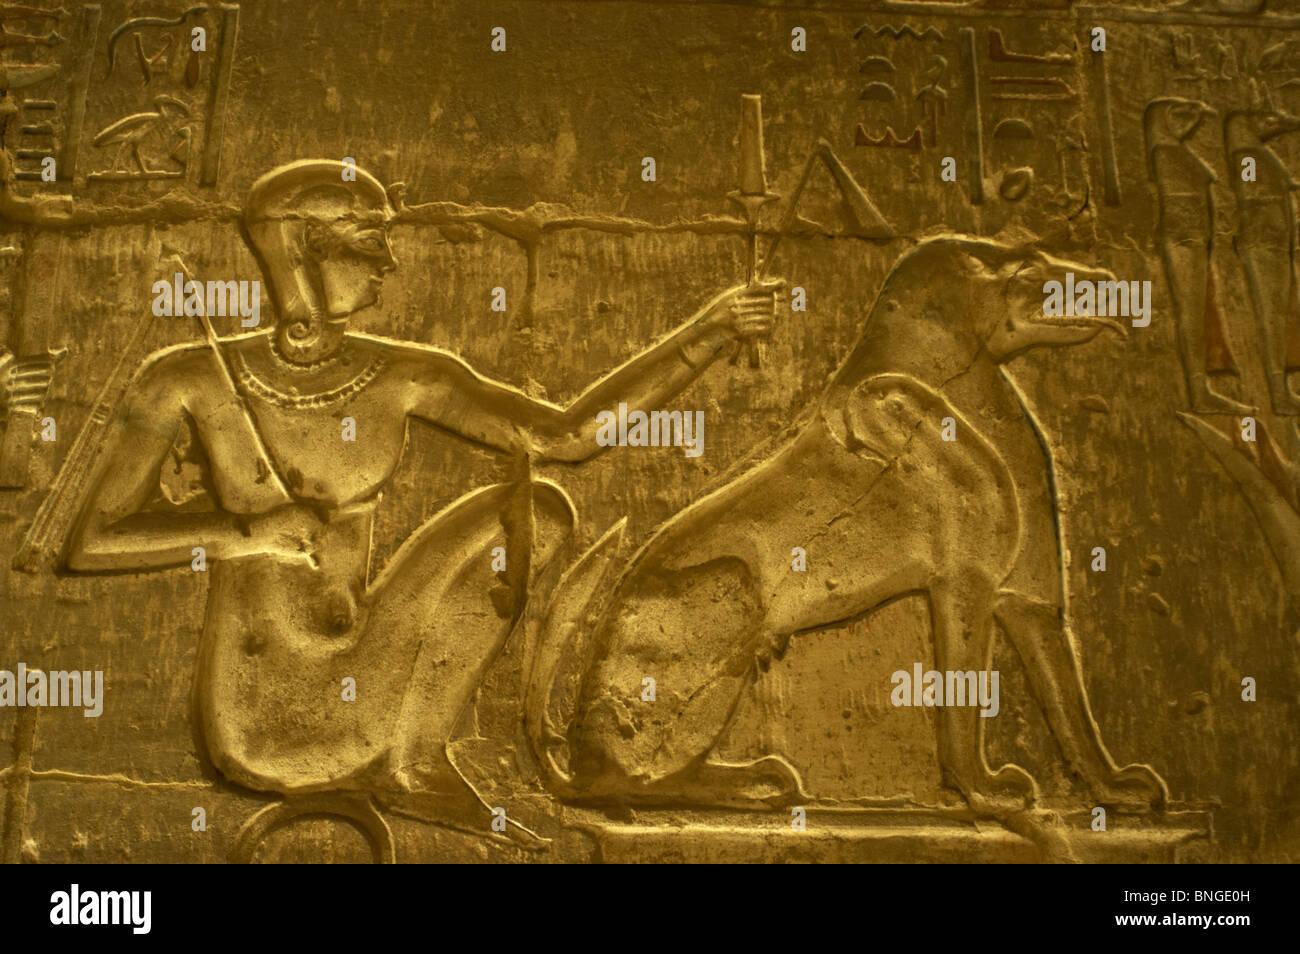 concepção ptolemaica templo de o hathor e maat deuses horus ammit o